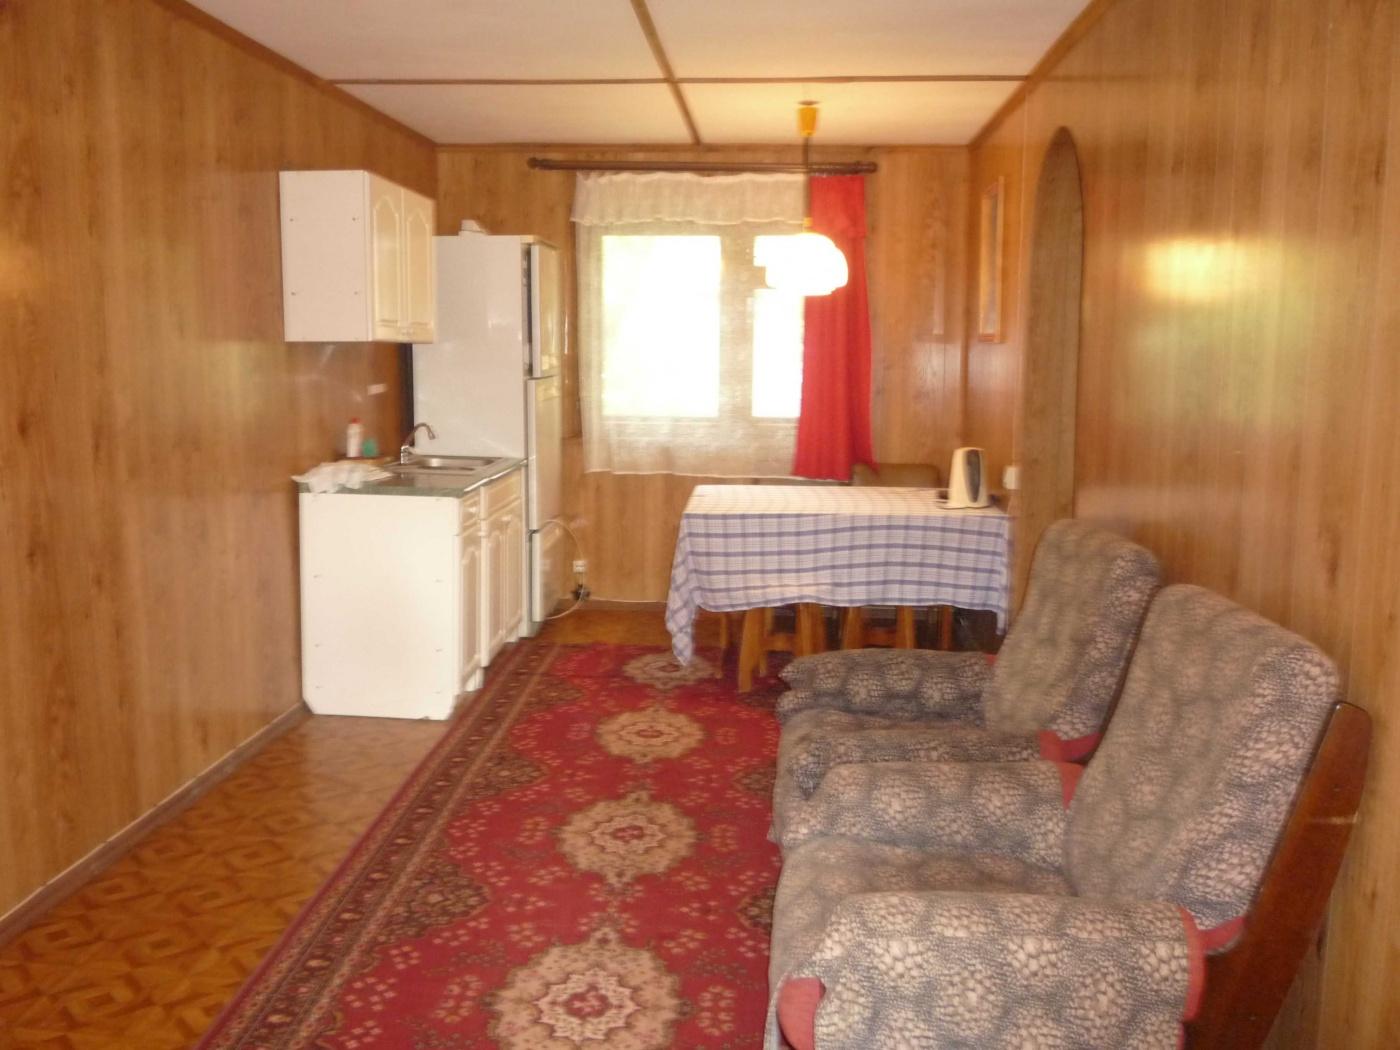 База отдыха «Парус» Астраханская область Домик № 8 («Визави Хаус»), фото 5